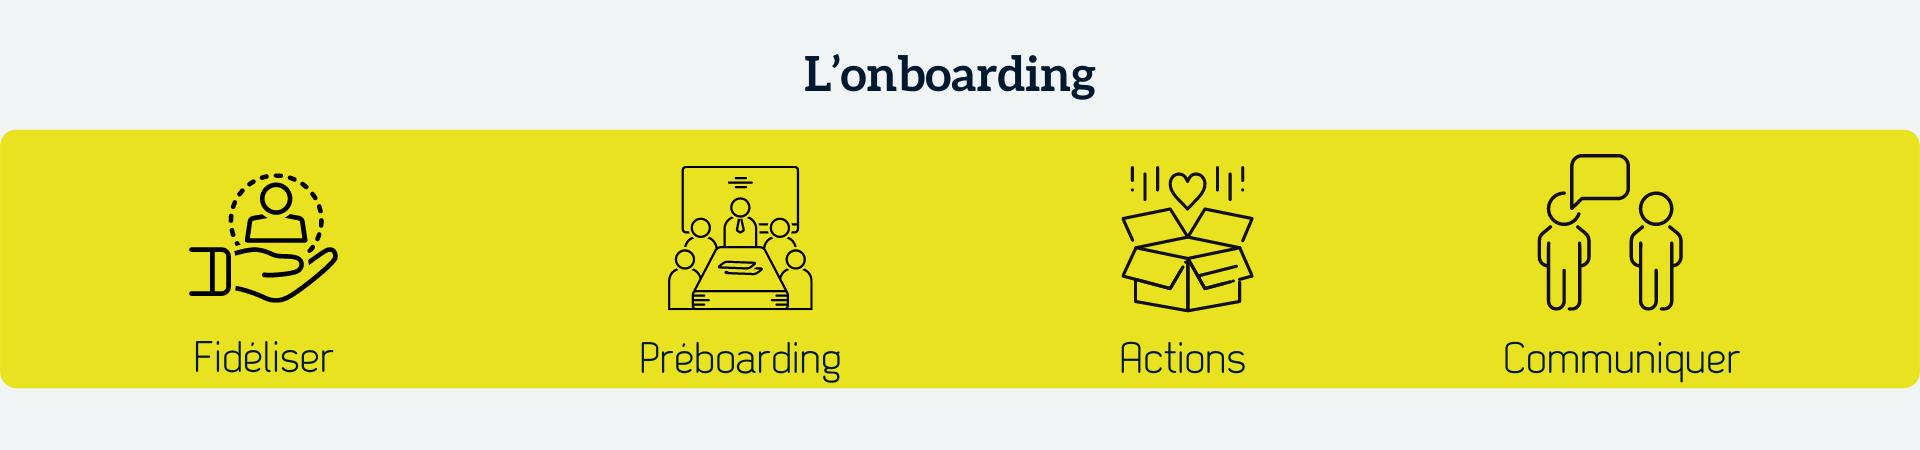 fidélisation-collaborateur-onboarding